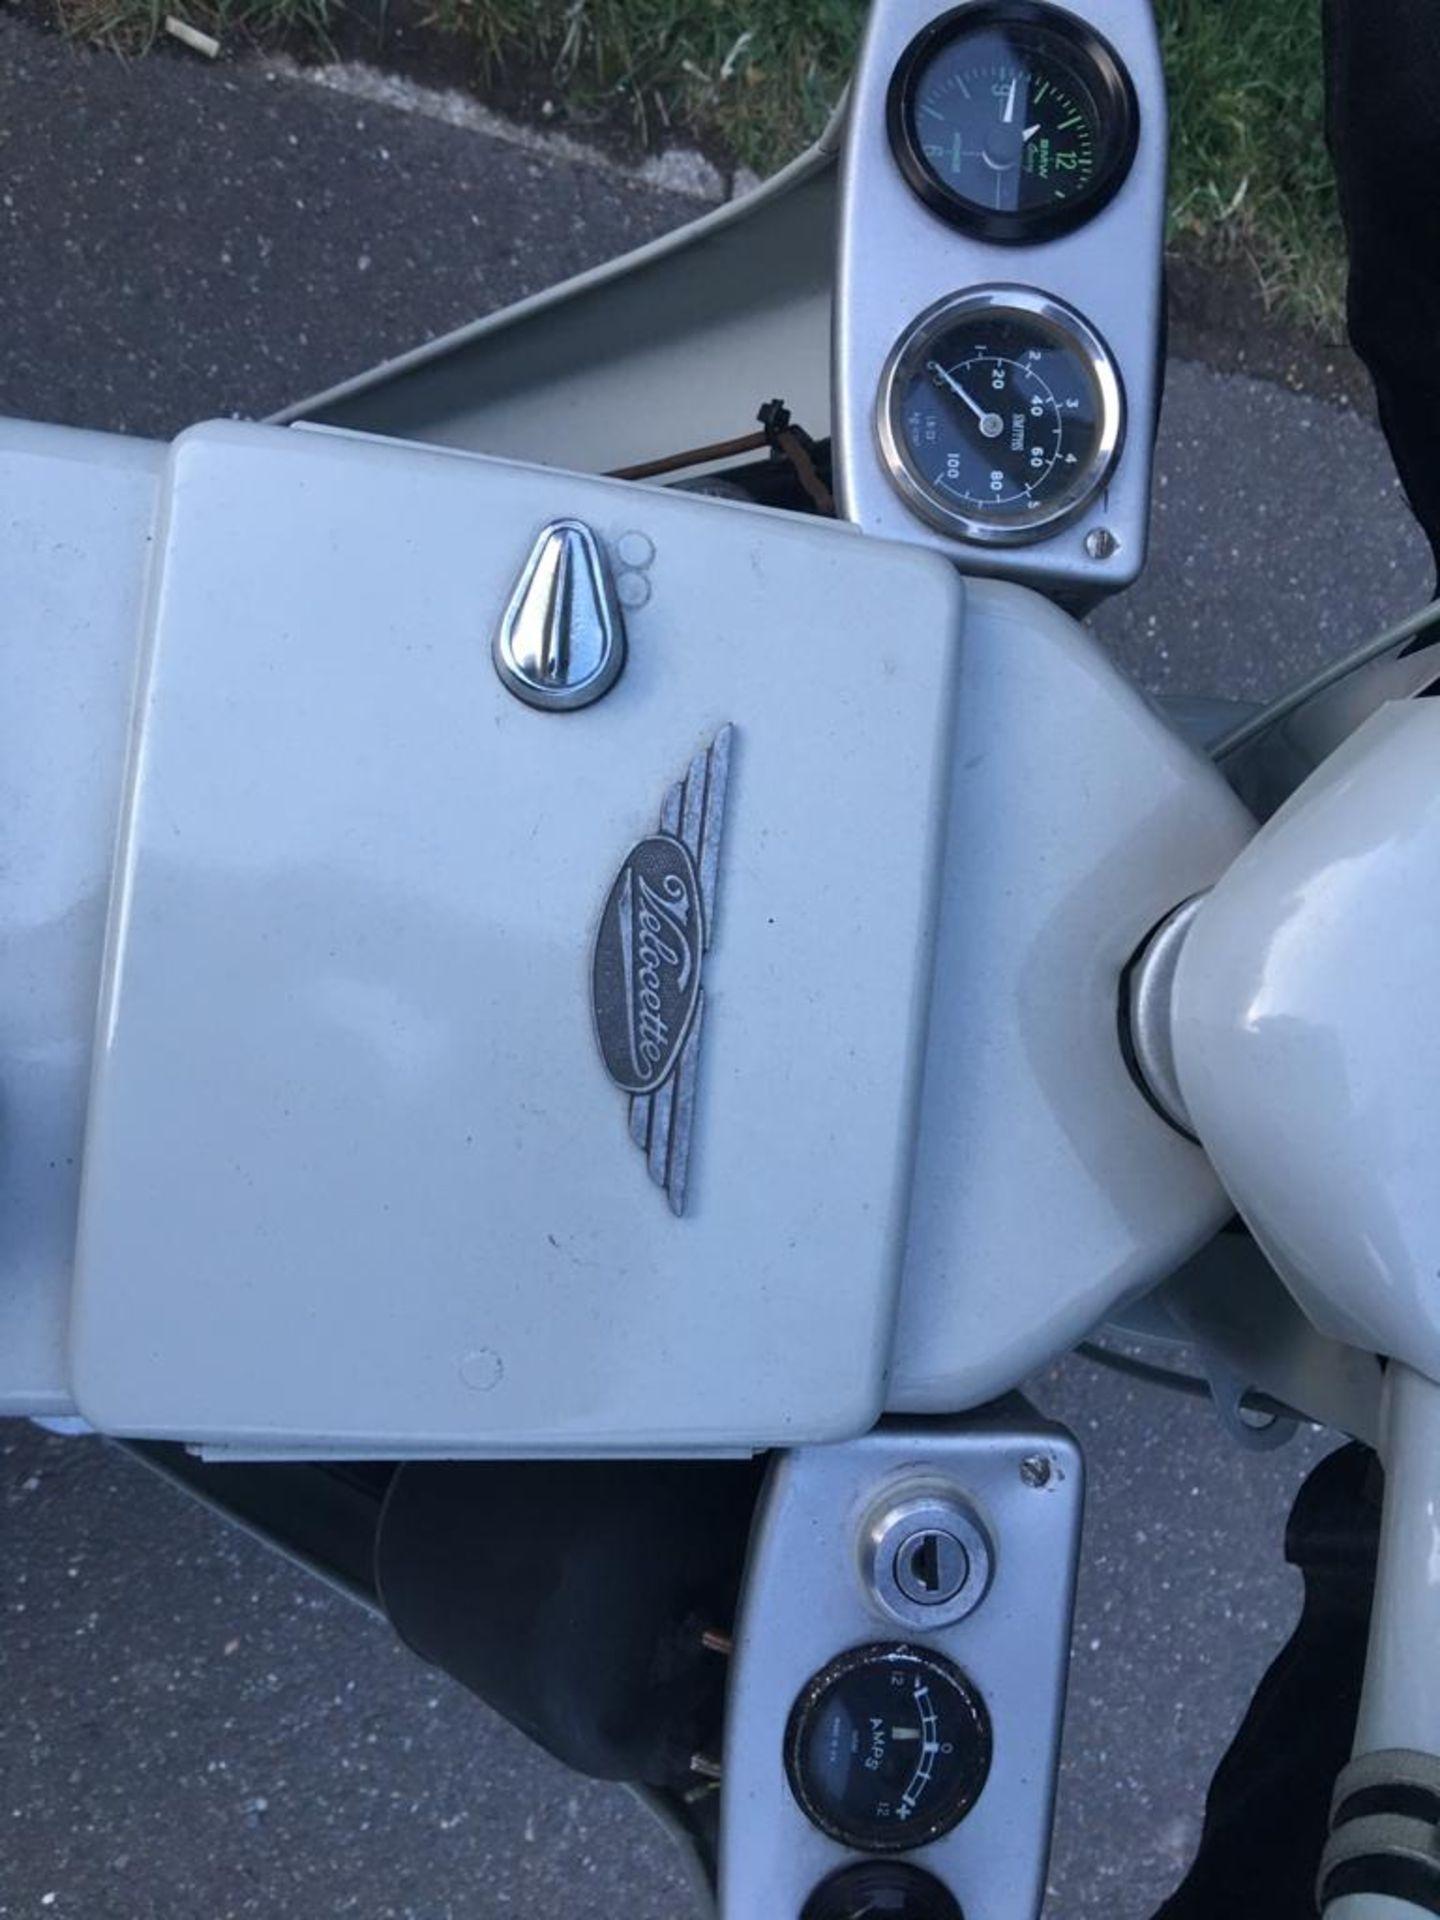 1966 VELOCETTE MOTOR BIKE - Image 8 of 13